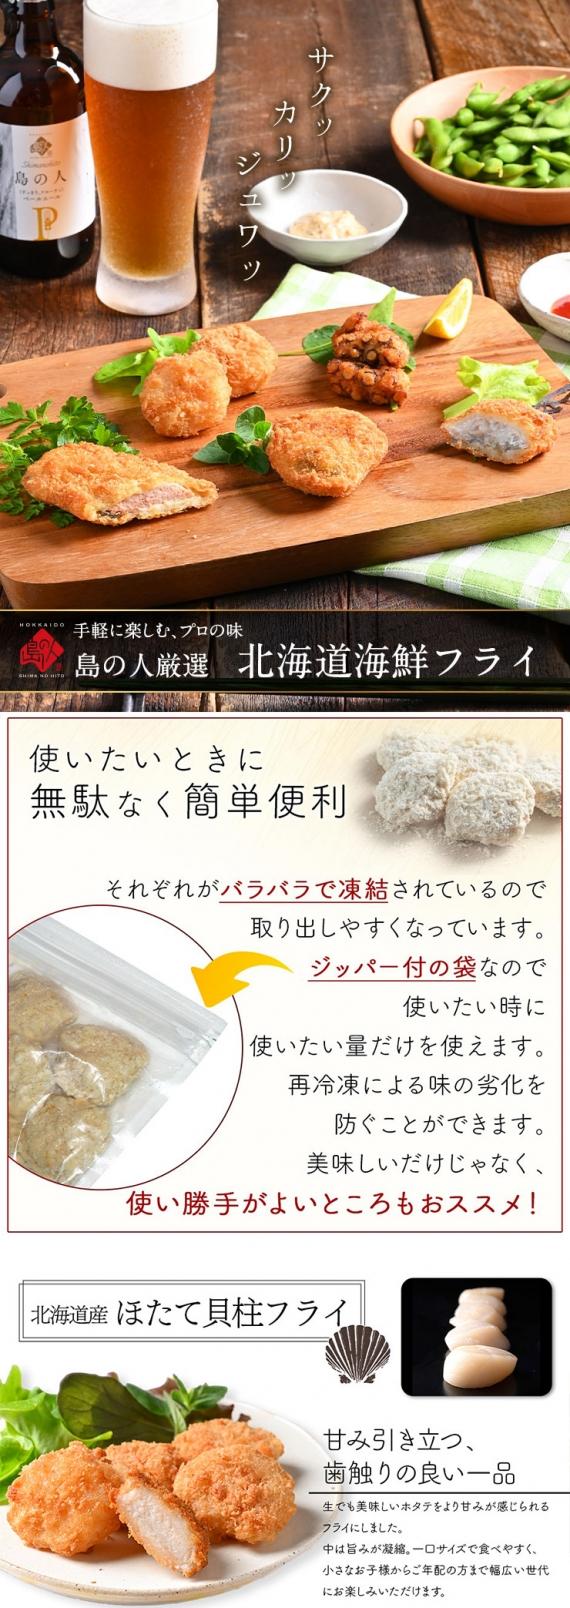 北海道産 プリプリほたて貝柱フライ 300g 当店オリジナルの特注品  帆立 貝柱 揚げ物 冷凍食品 惣菜 ご飯のお供 ご飯のおとも